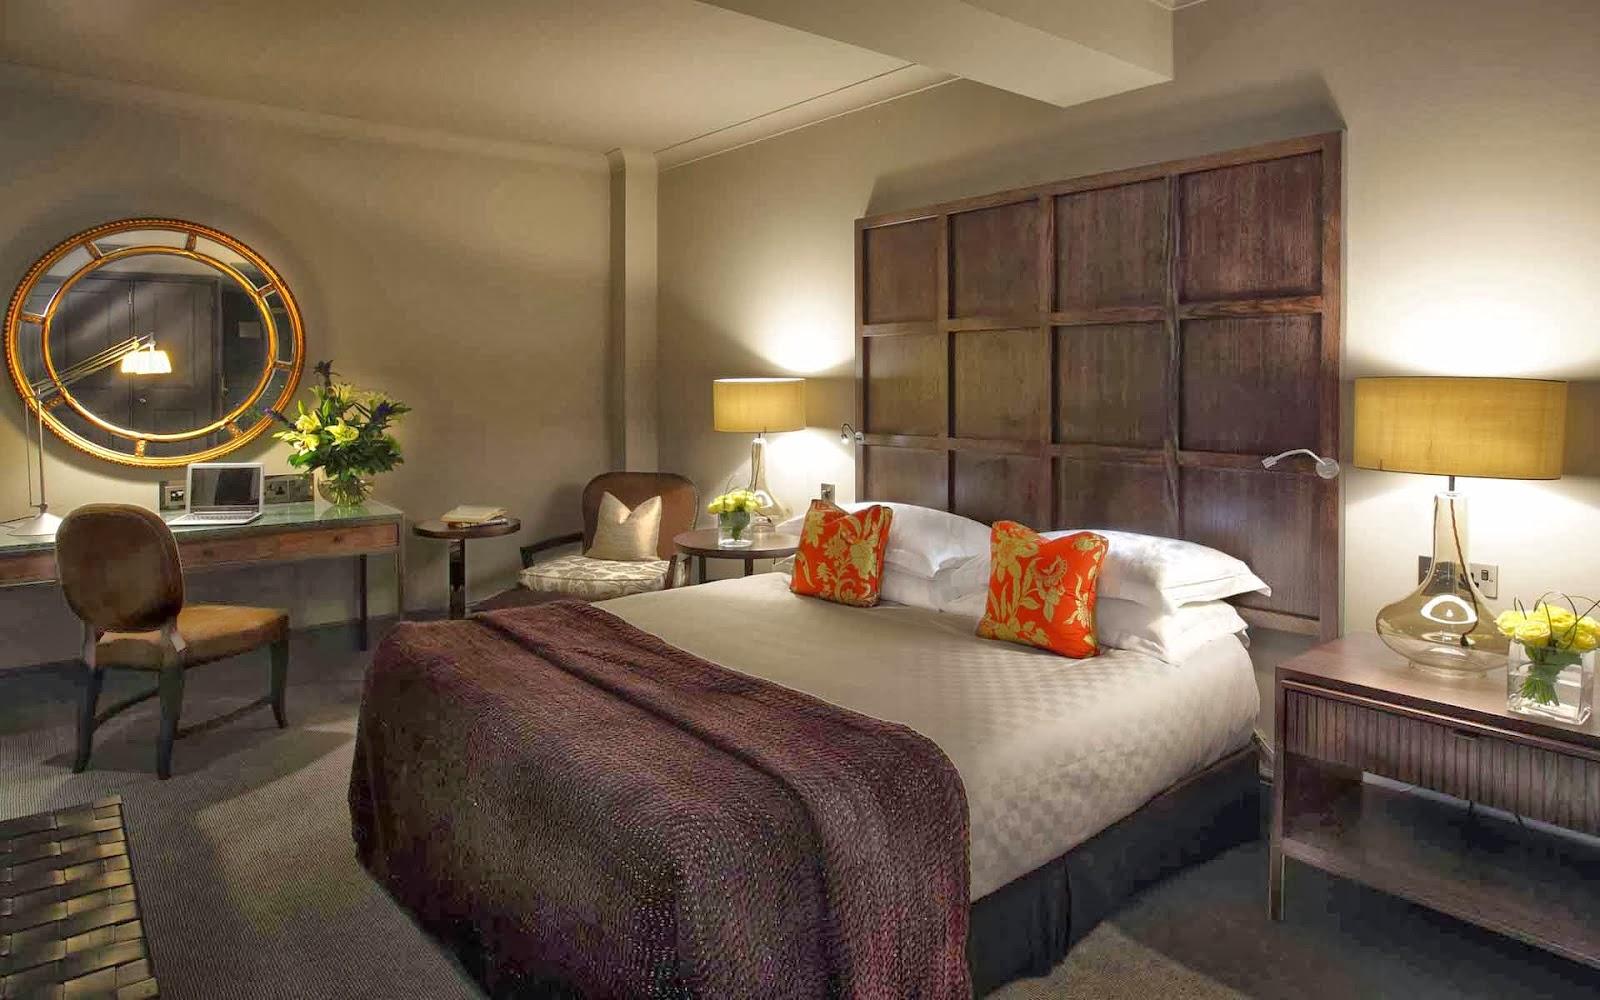 chambre moderne italienne id es d co moderne. Black Bedroom Furniture Sets. Home Design Ideas